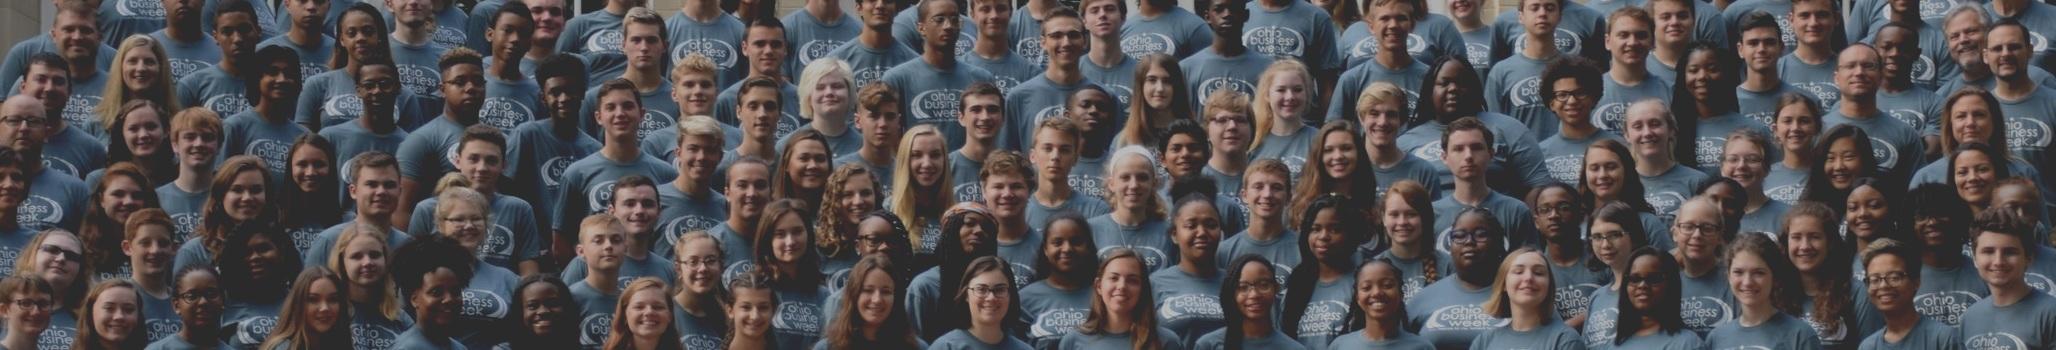 July 21-27, 2019 - Ohio University - Athens, OH